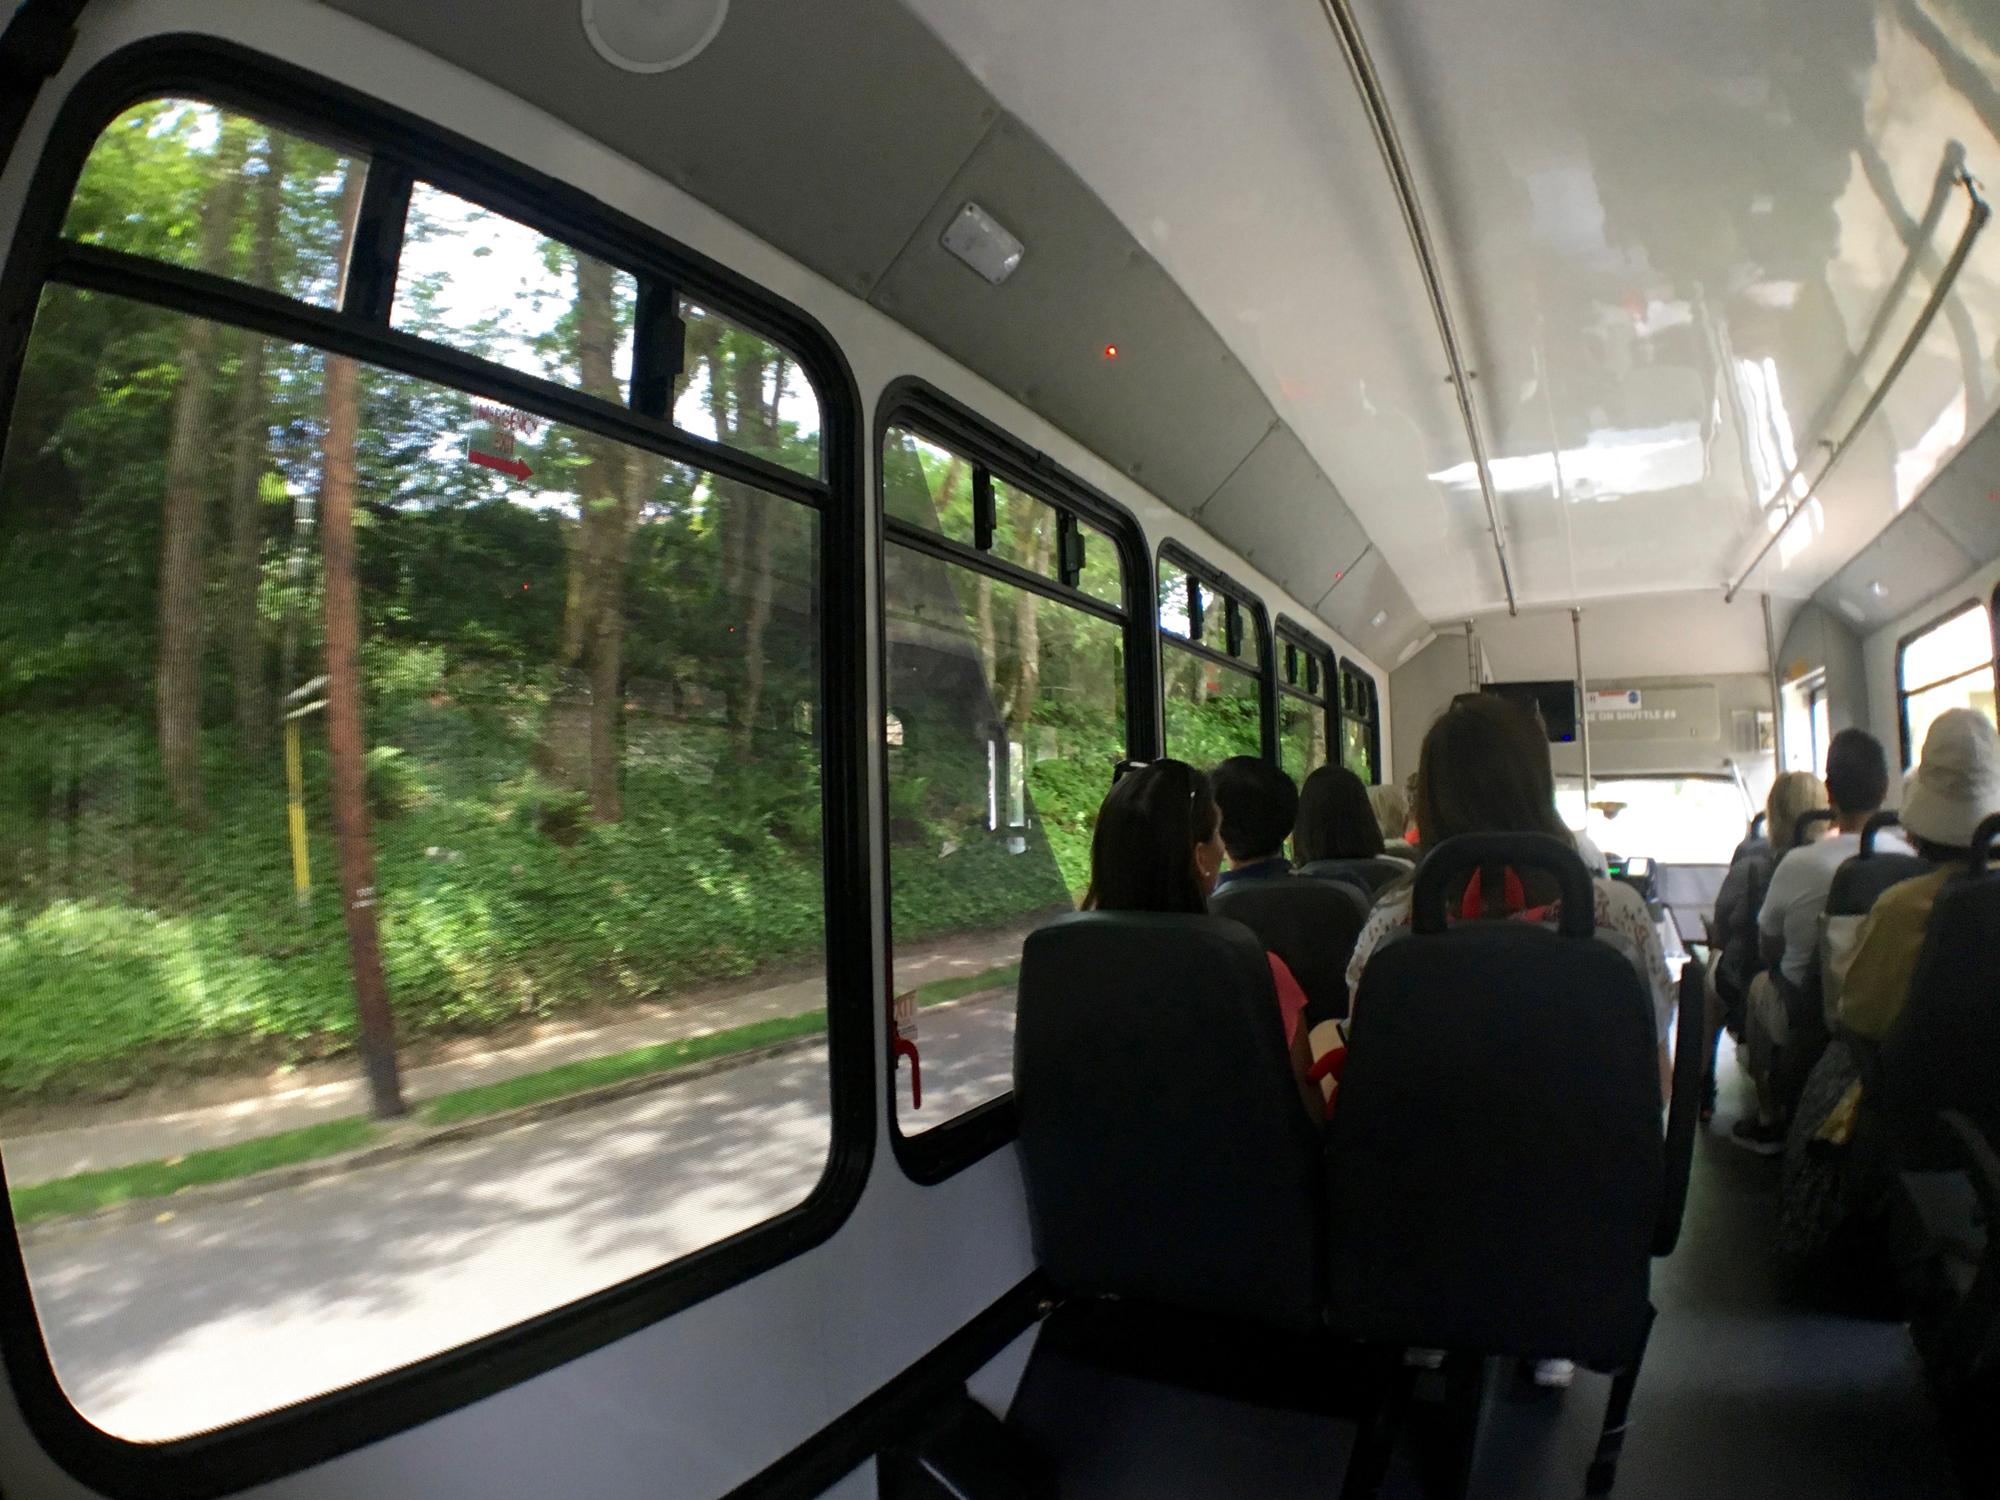 ポートランドのワシントンパーク無料シャトルバスの中